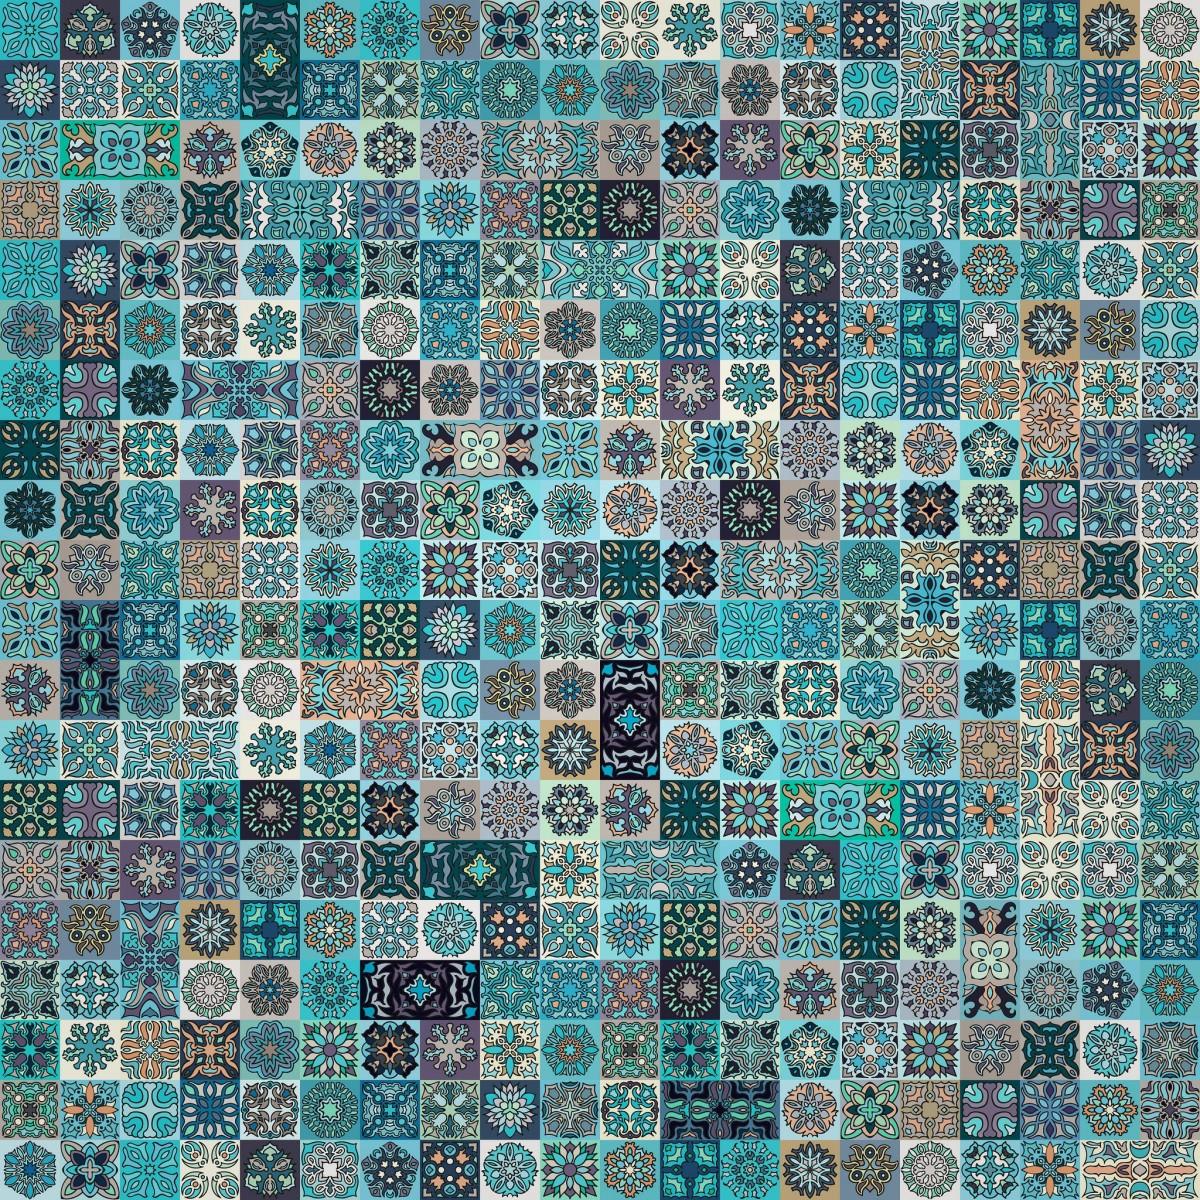 O quebra-cabeça Recolher o quebra-cabeças on-line - A lot of squares